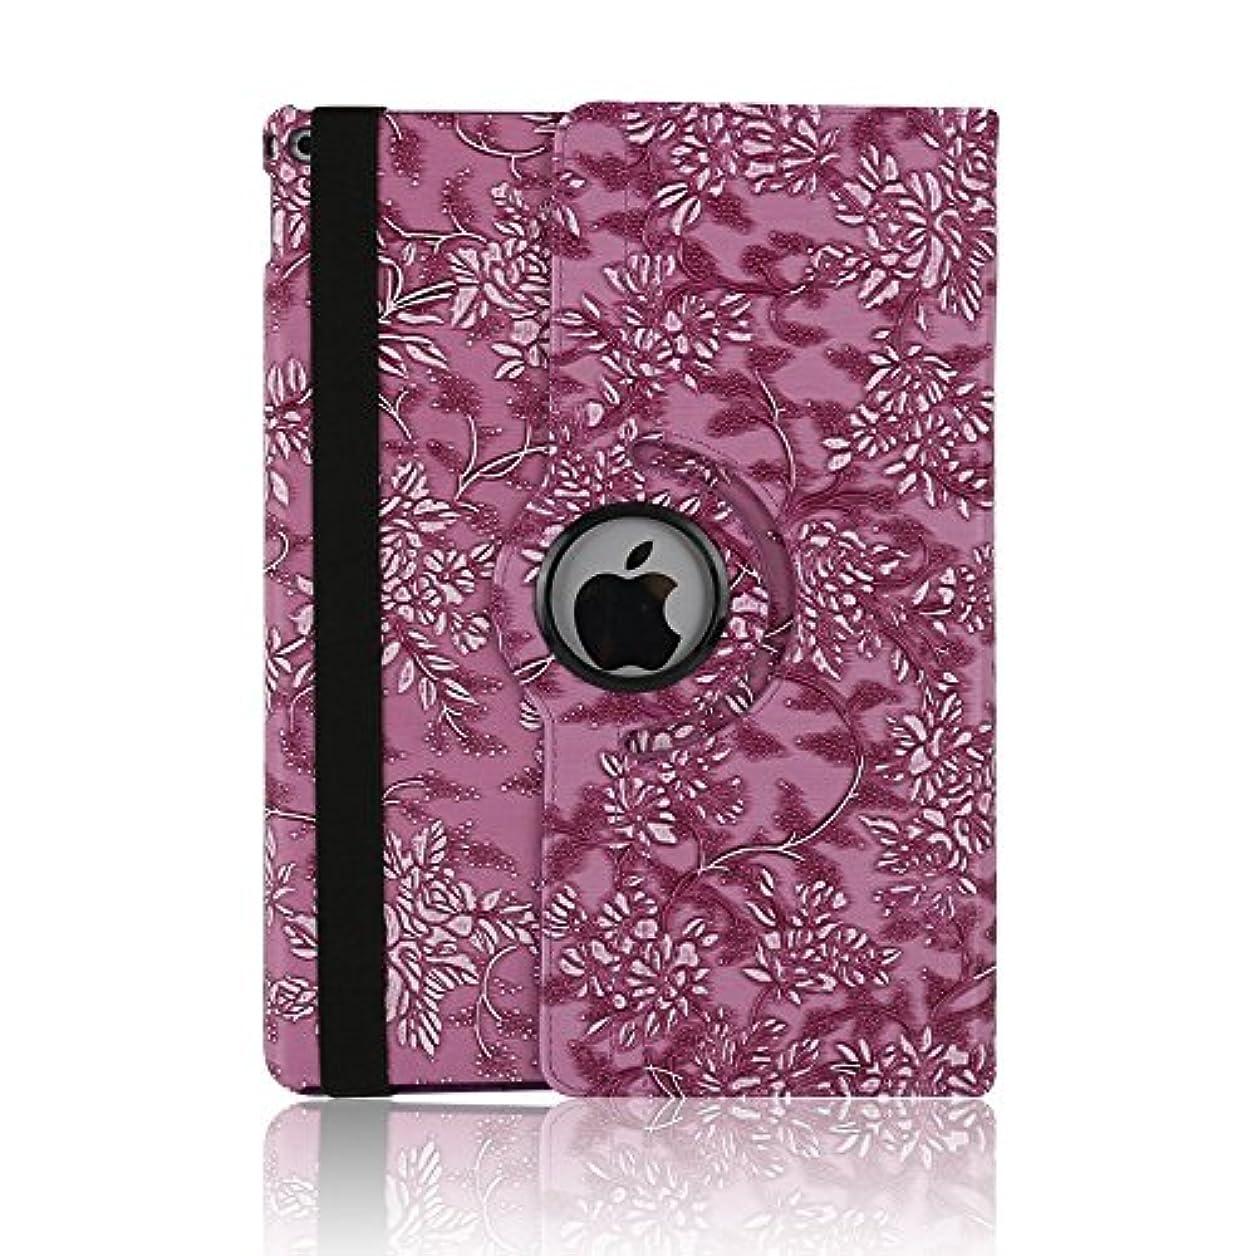 征服するバウンスキリストケース ipad 手帳型、SIMPLE DO 360度回転式 スタンド機能 三つ折り 軽量 持ち運び便利 耐衝撃 レディース 女子 人気 おしゃれ 通勤 iPad Air 2 9.7インチ対応(パープル)